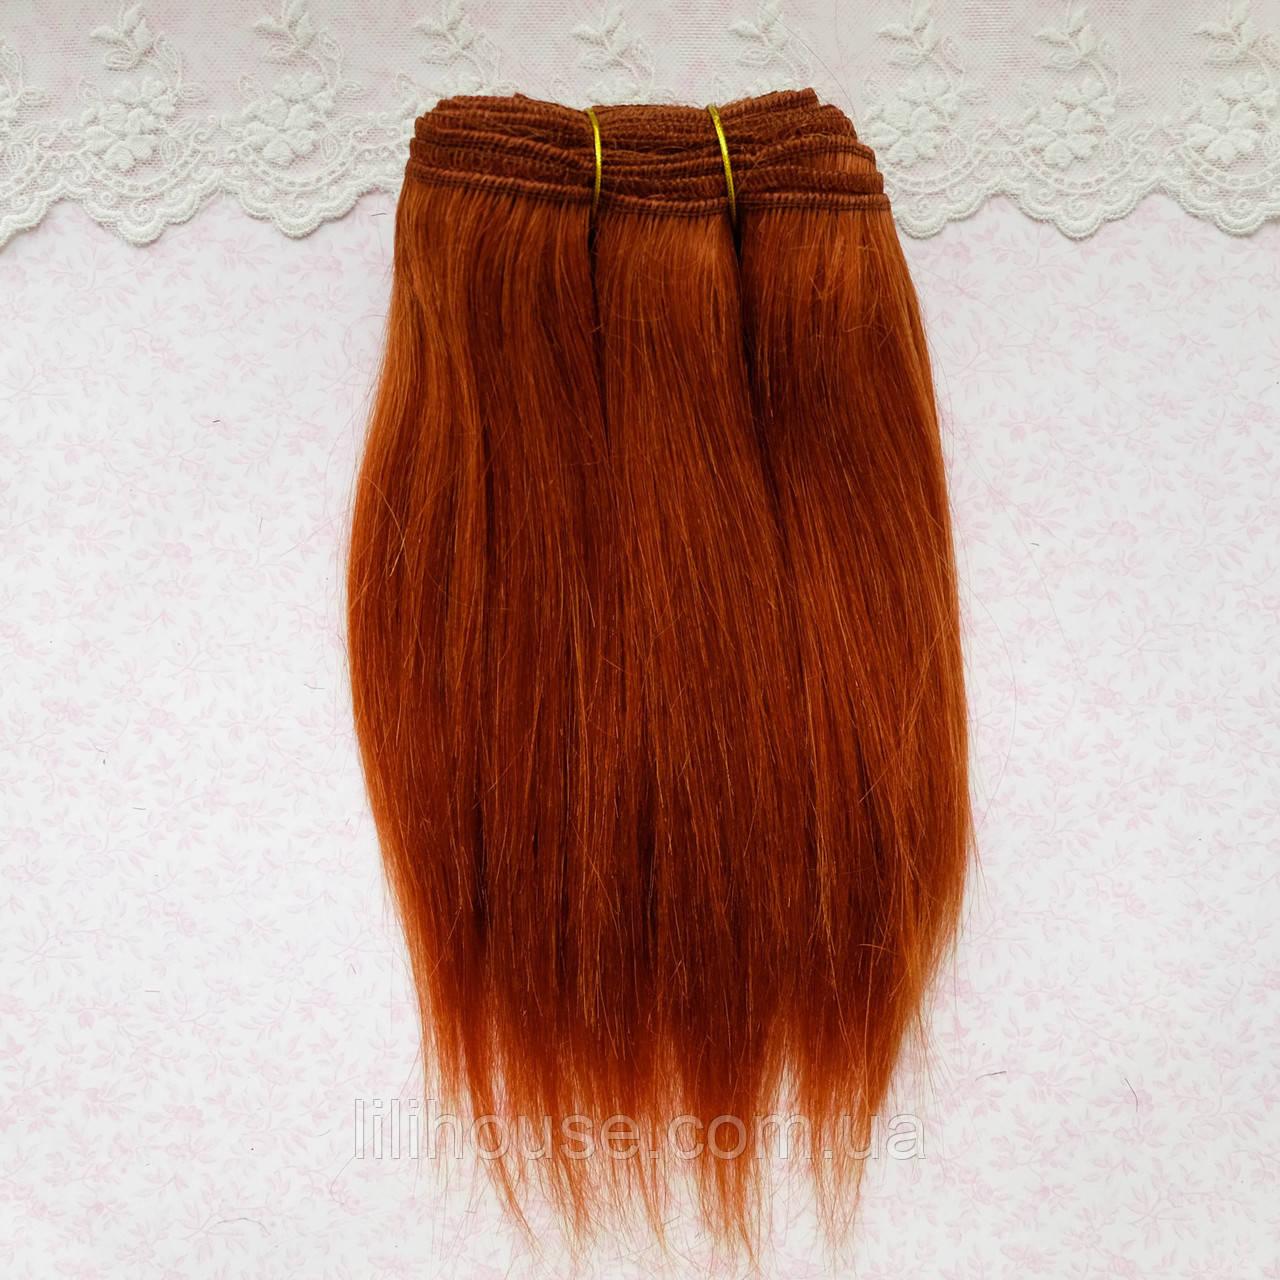 Коза натуральная остевая, трессы для кукольных волос, длина 16-18 см - медь, ОСТАТОК 1.1 м